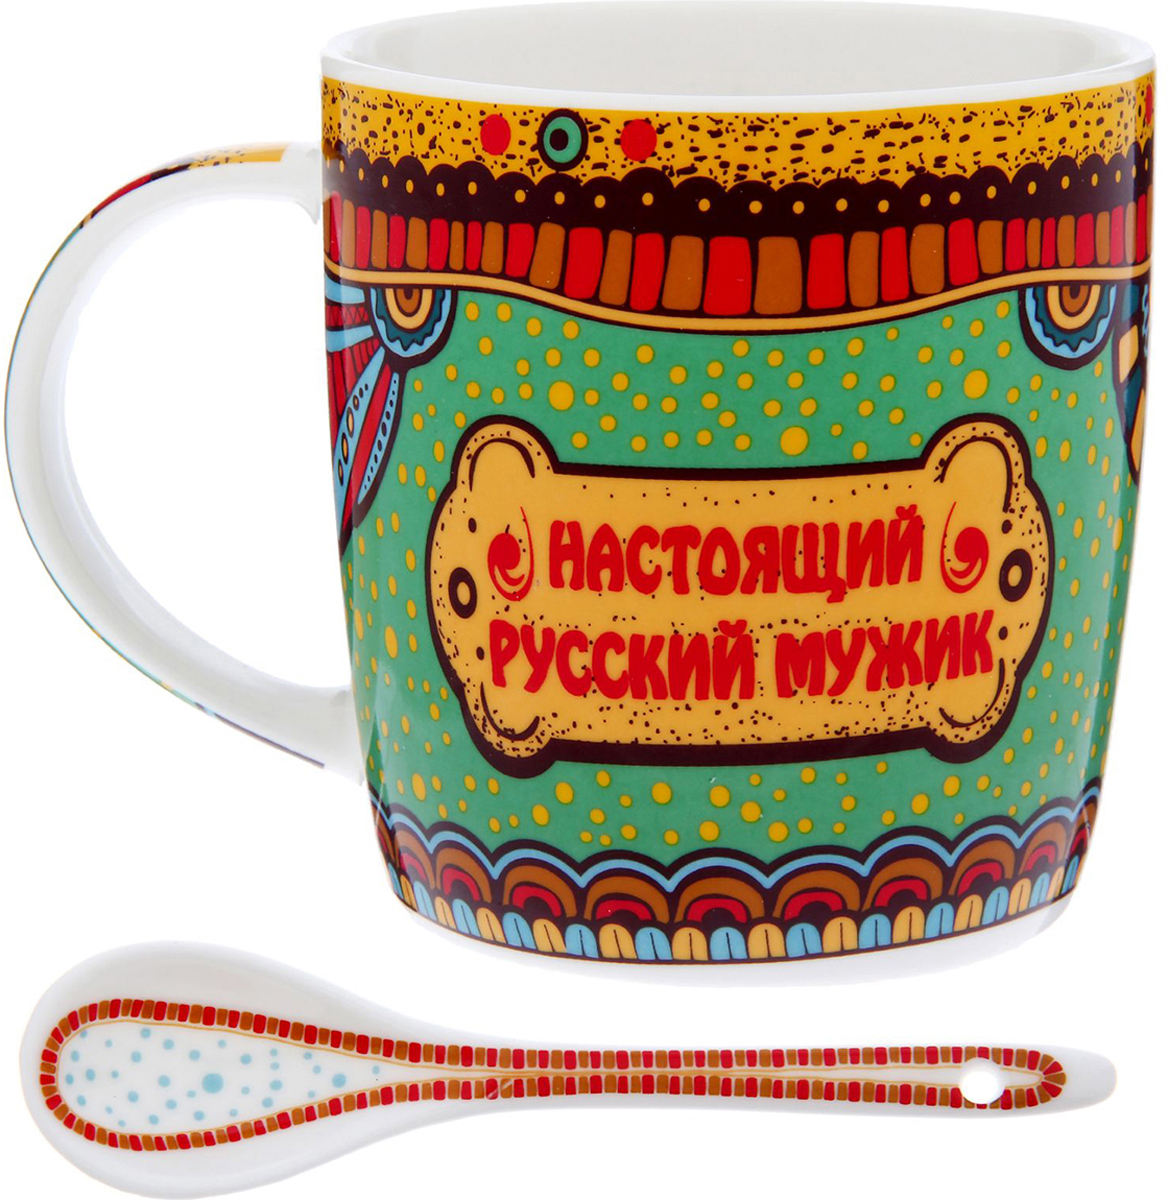 Кружка Sima-Land Настоящий русский мужик, с ложкой, 350 мл. 11161531116153Уют в любом месте - дома или на работе - складывается из мелочей. Любой напиток станет вкуснее и ароматнее, если у вас есть такая кружка с ложкой. Устраивайте чаепитие и наслаждайтесь любимым десертом. А в этом поможет: оптимальный объем и необычный яркий дизайн будут поднимать настроение изо дня в день. Кружка с ложкой упакована в оригинальную коробку и уже готова стать идеальным подарком для близкого человека. Радуйте и удивляйте любимых людей!